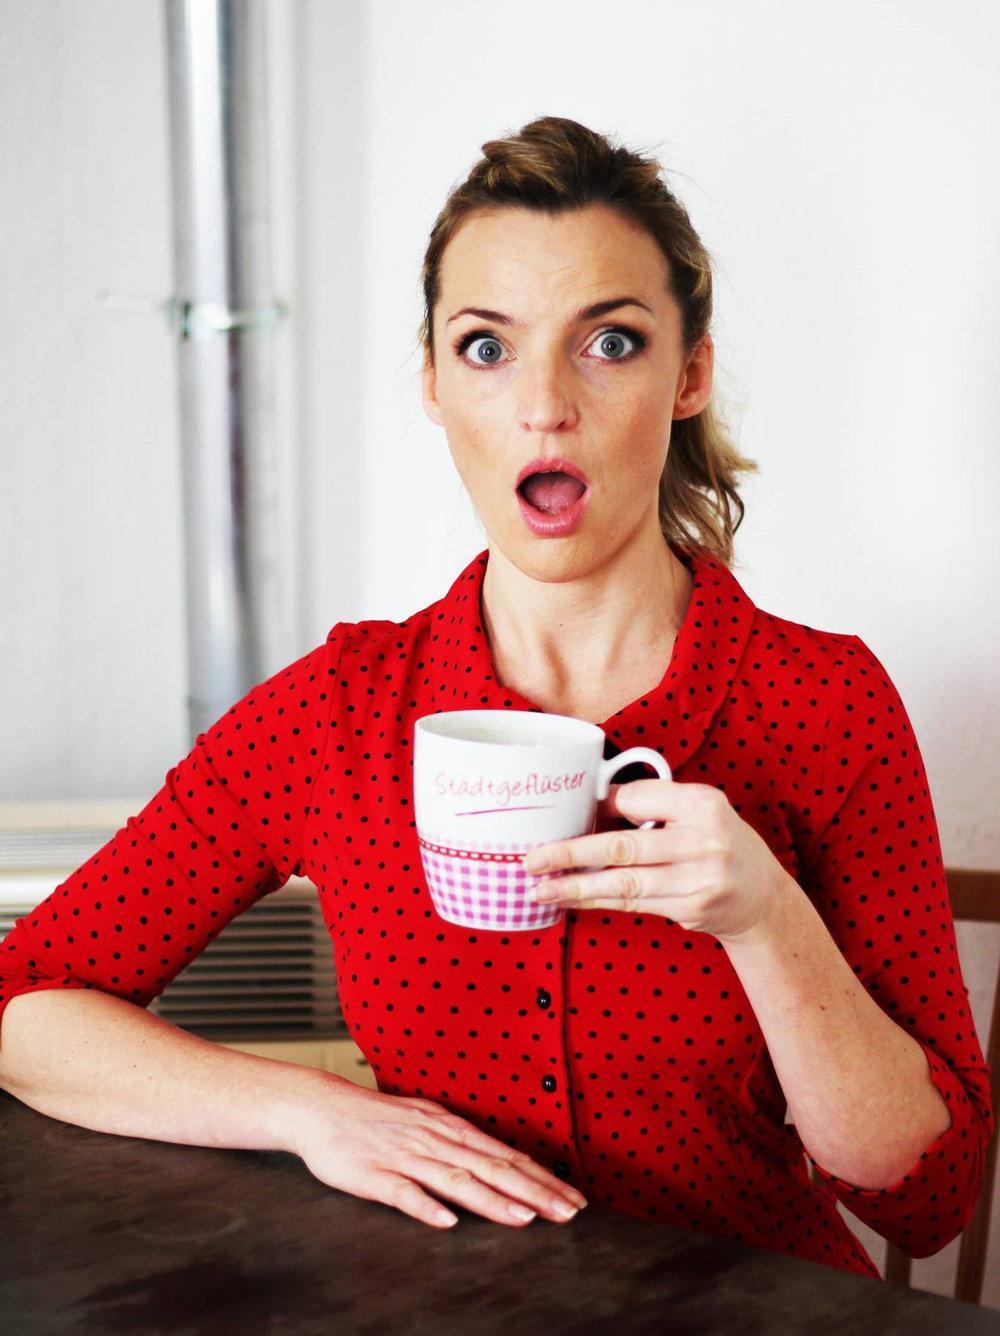 Deborah mit erstrauntem Blick und Tee